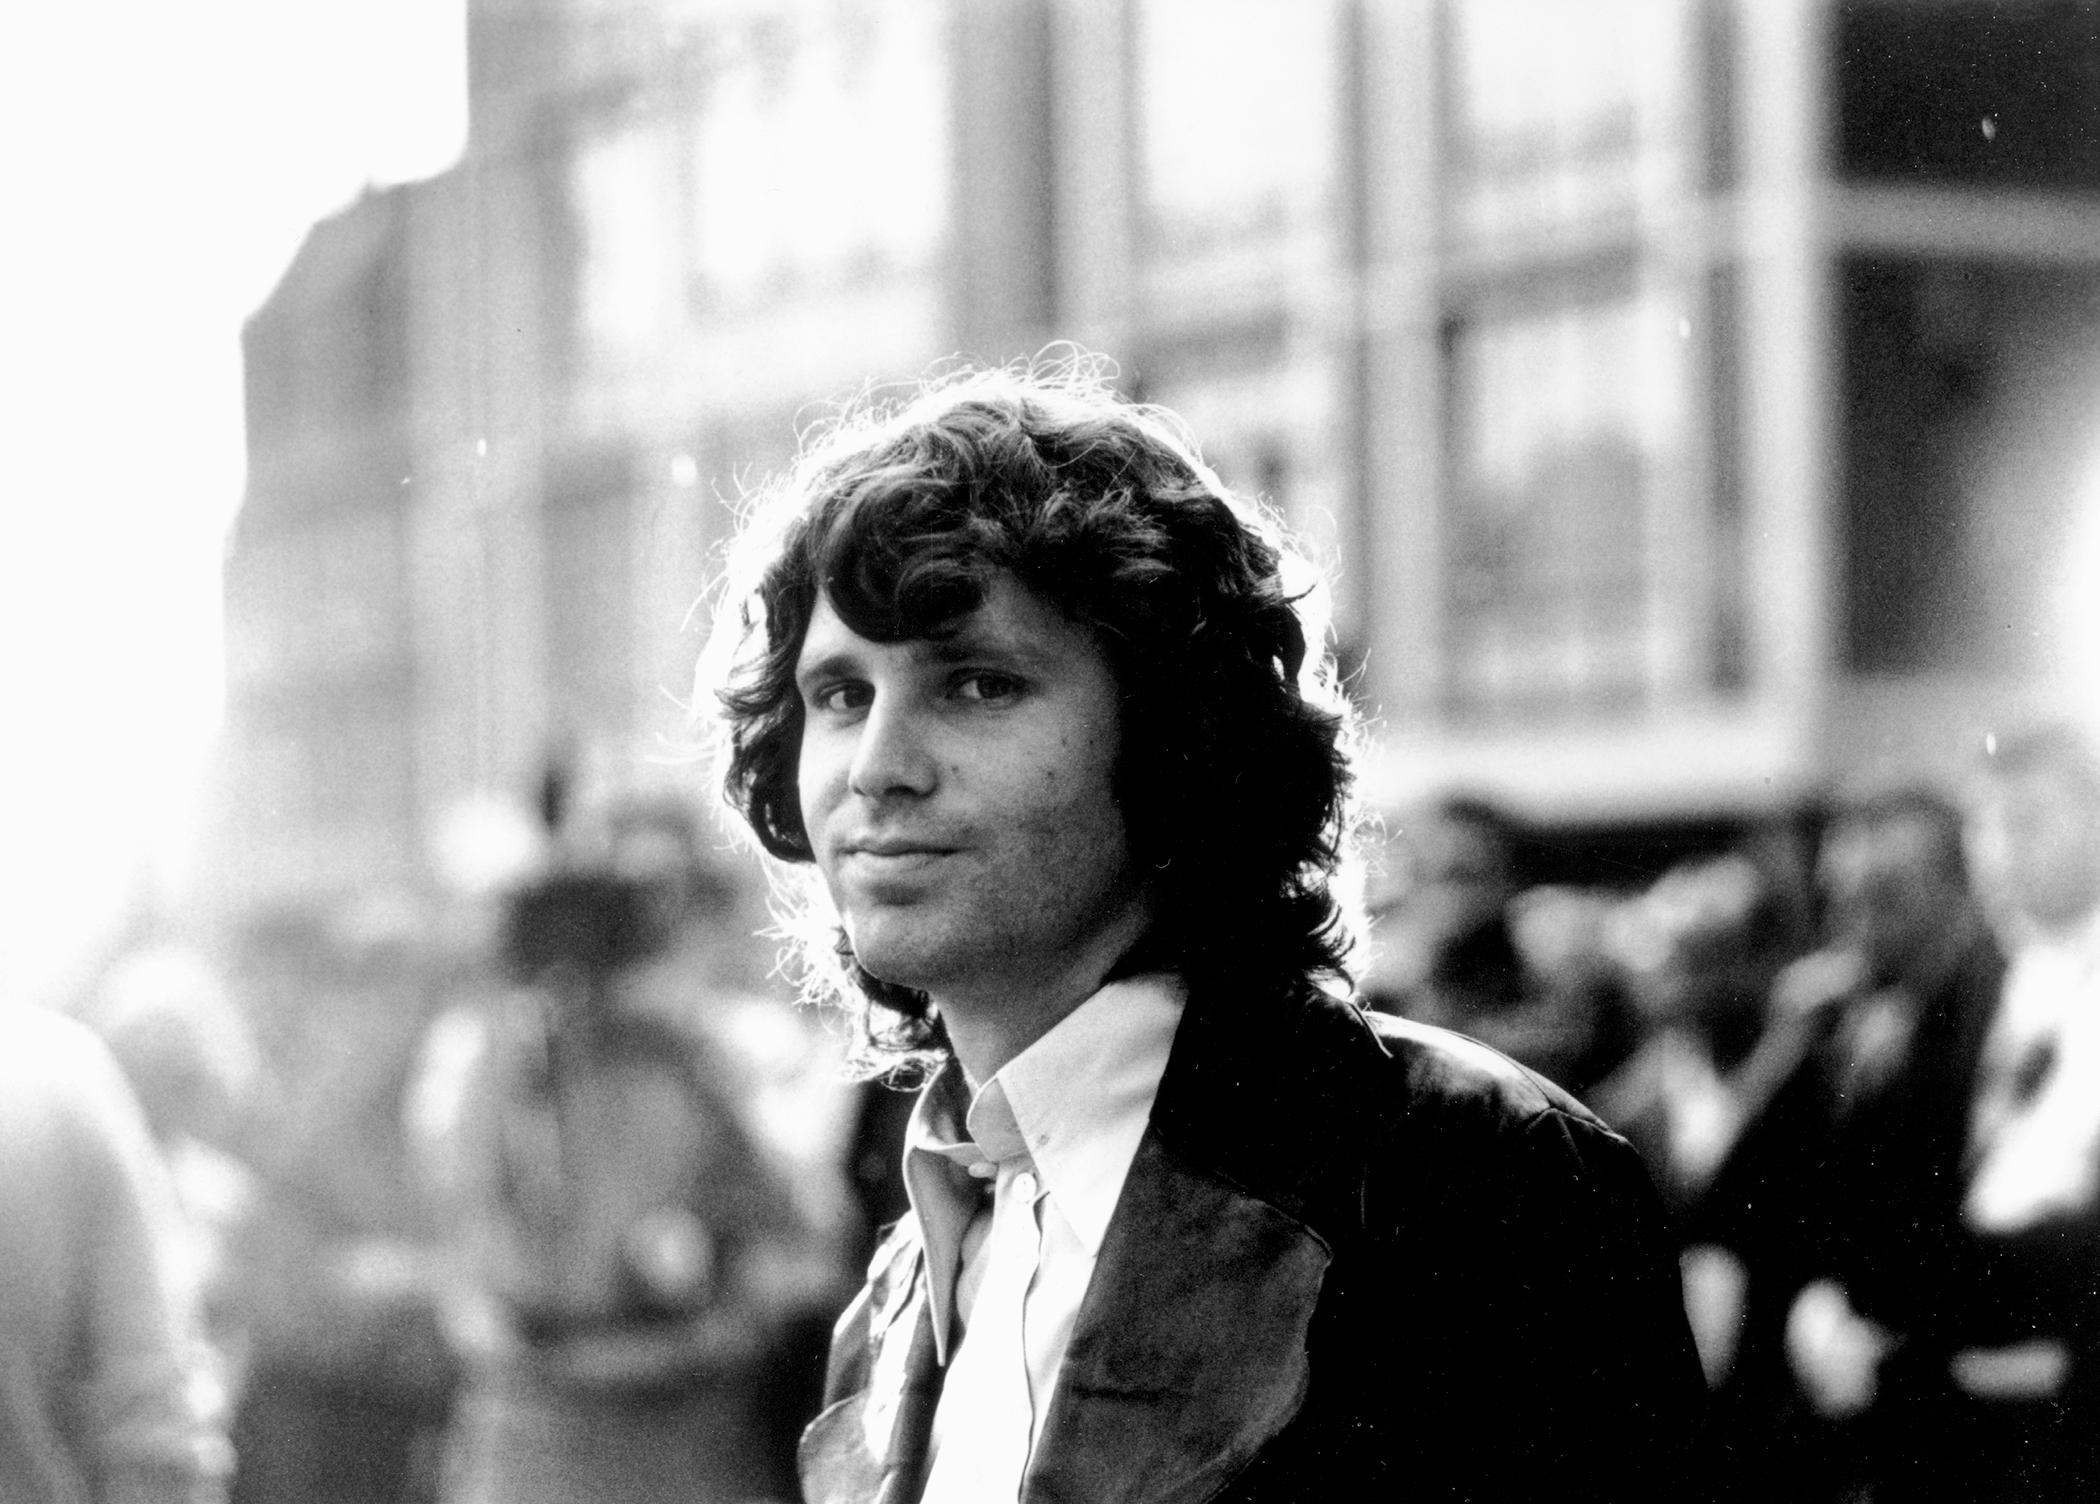 Jim Morrison, circa 1970